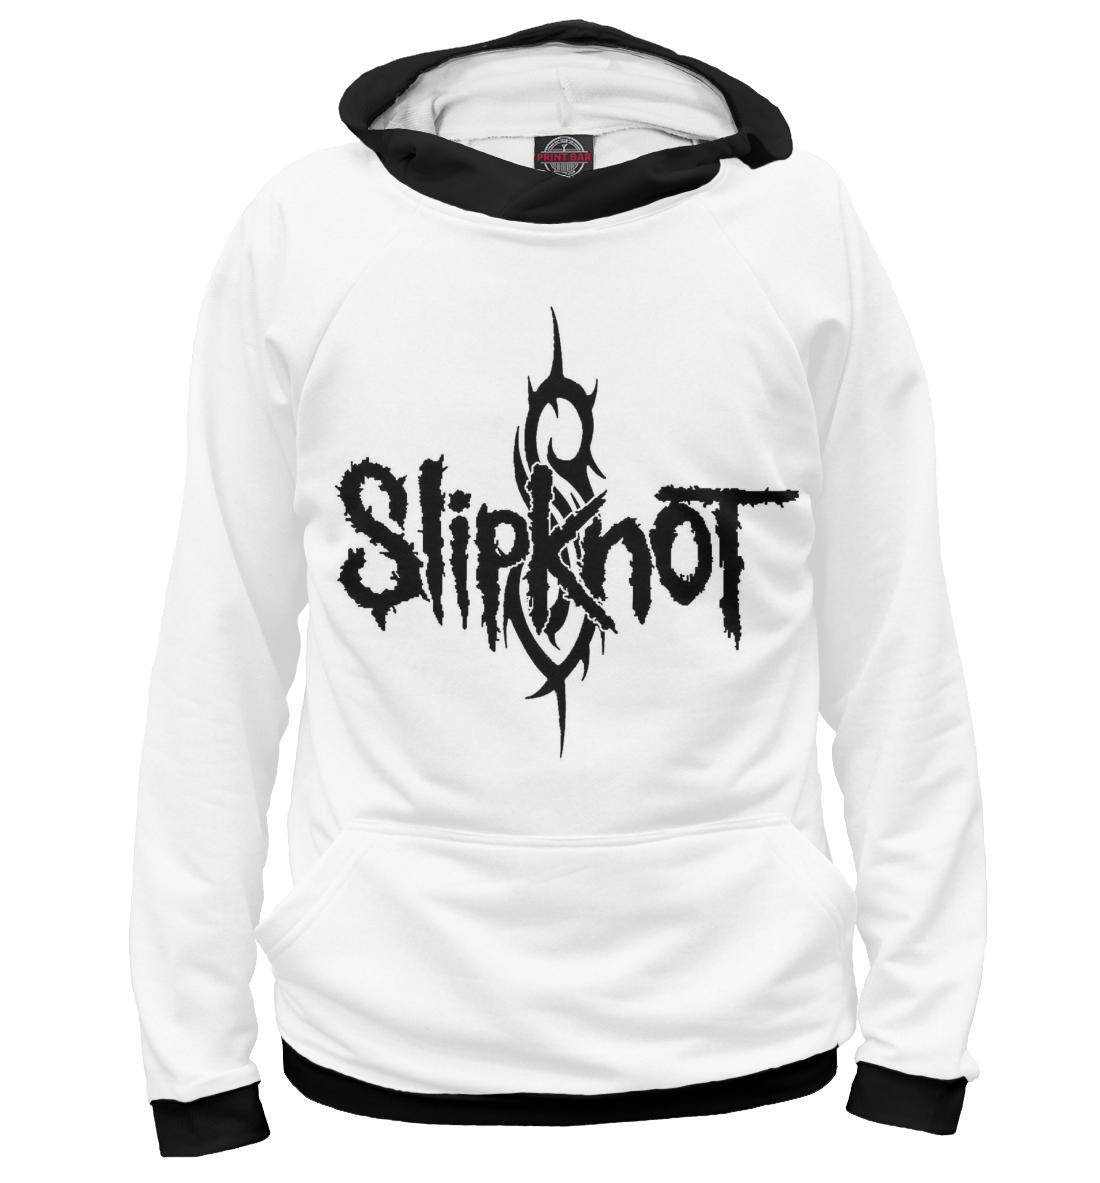 Купить Худи для мальчика Slipknot SLI-202105-hud-2